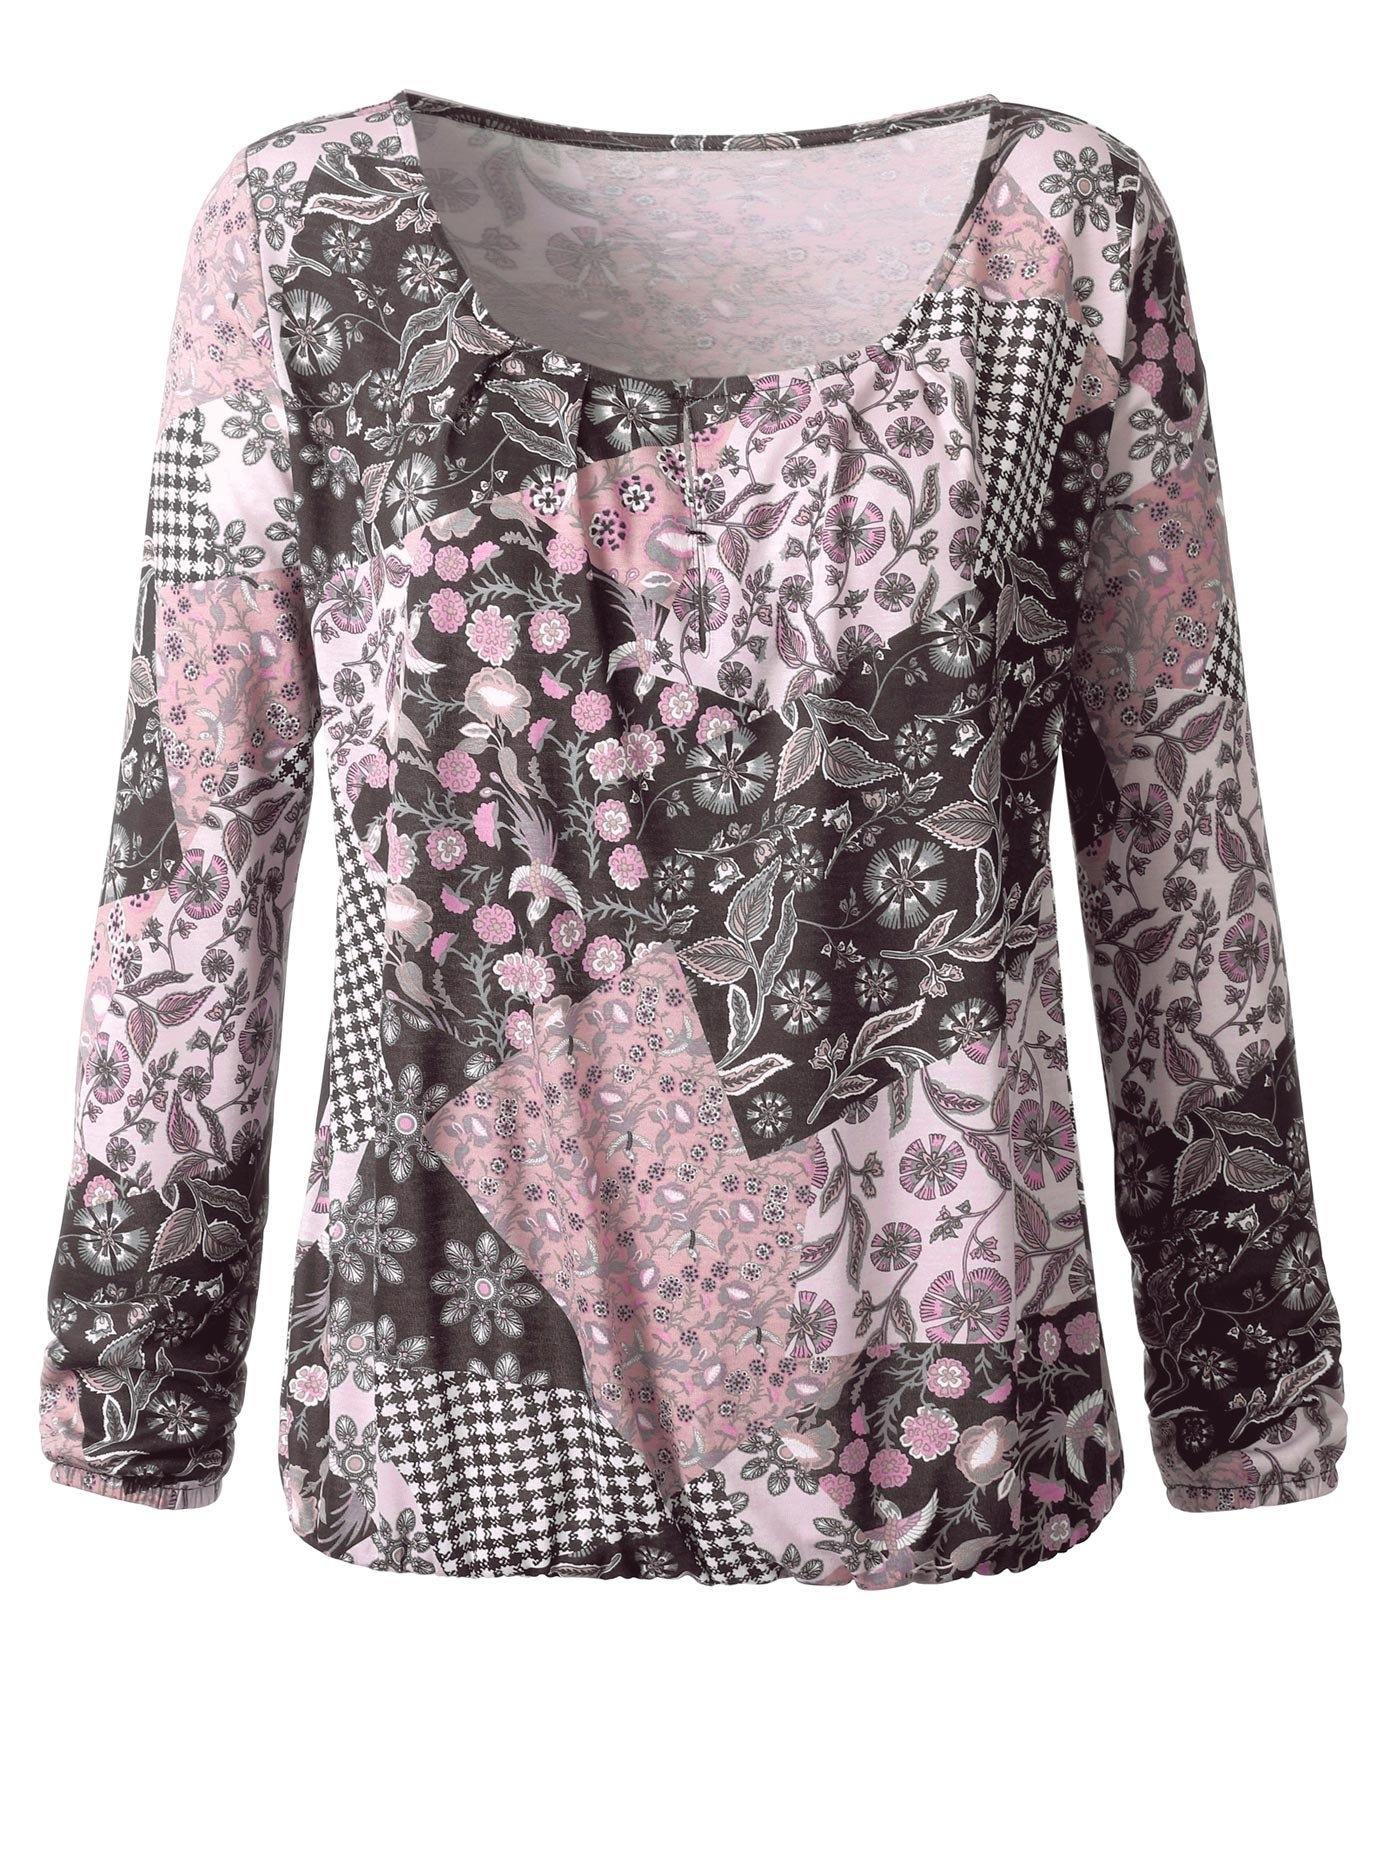 Classic Inspirationen Shirt in trendy patchwork-look goedkoop op otto.nl kopen